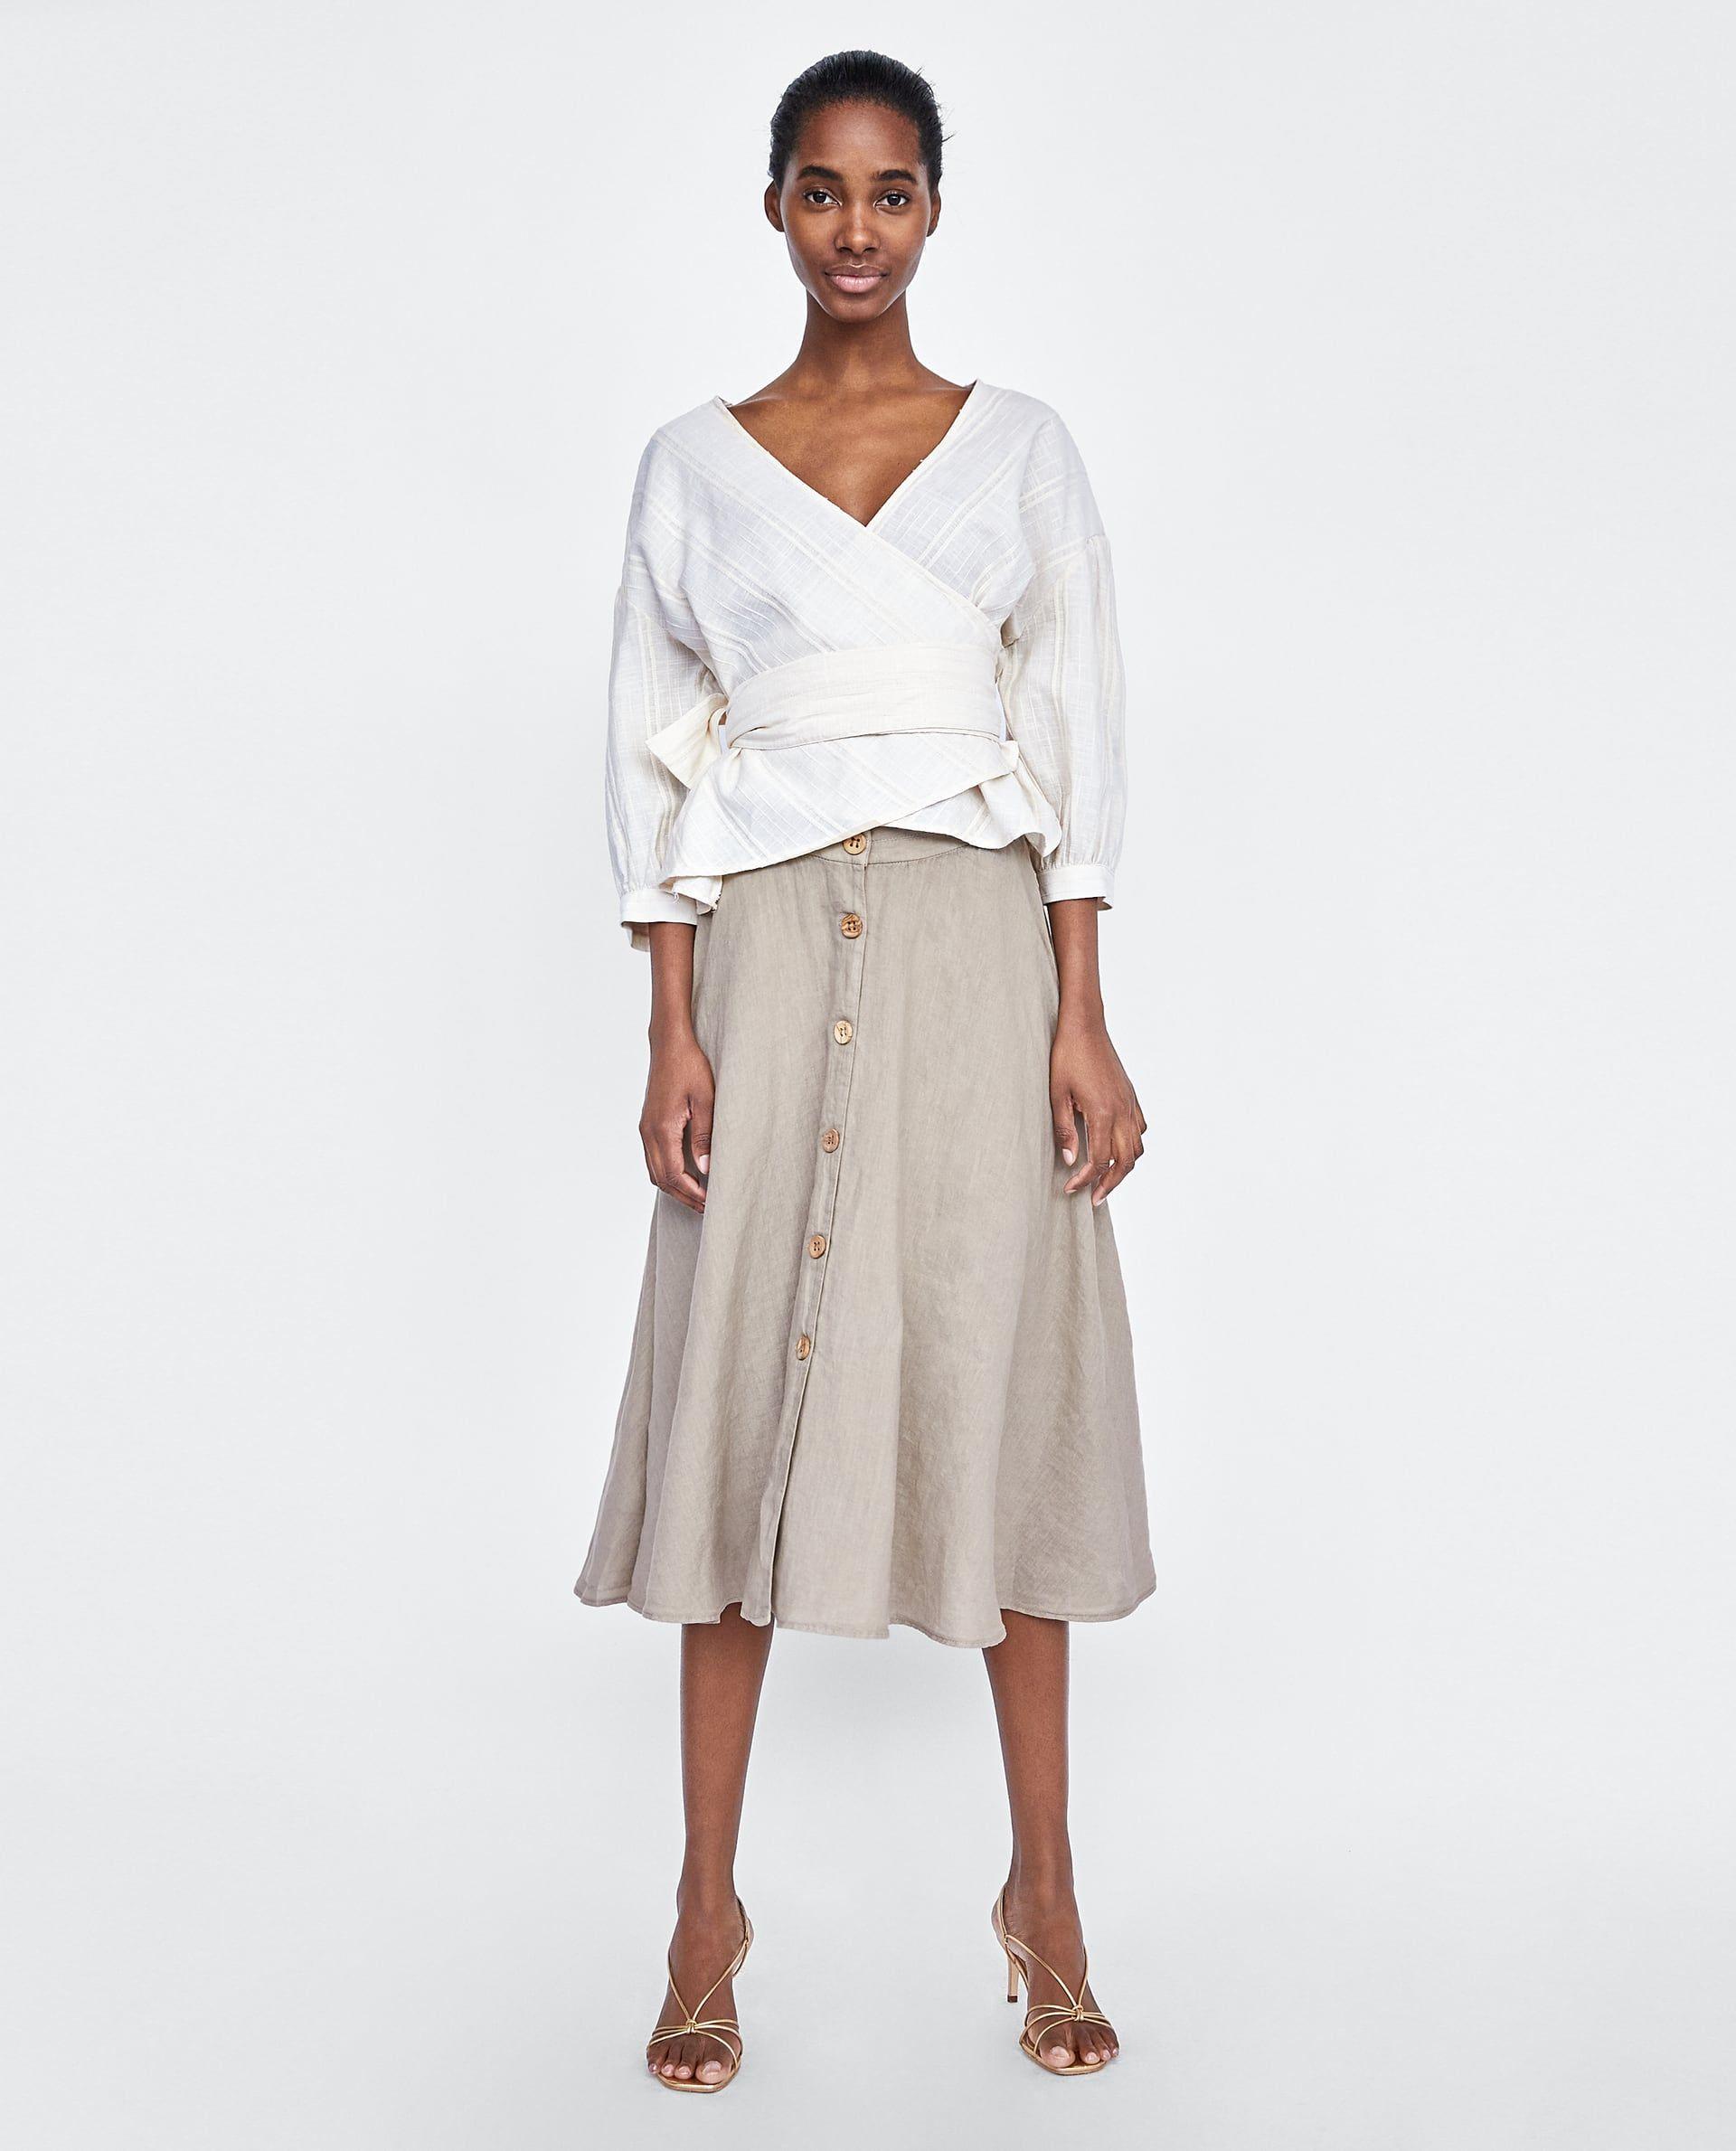 FALDA LINO BOTONES | Falda de lino, Faldas y Ropa de lino